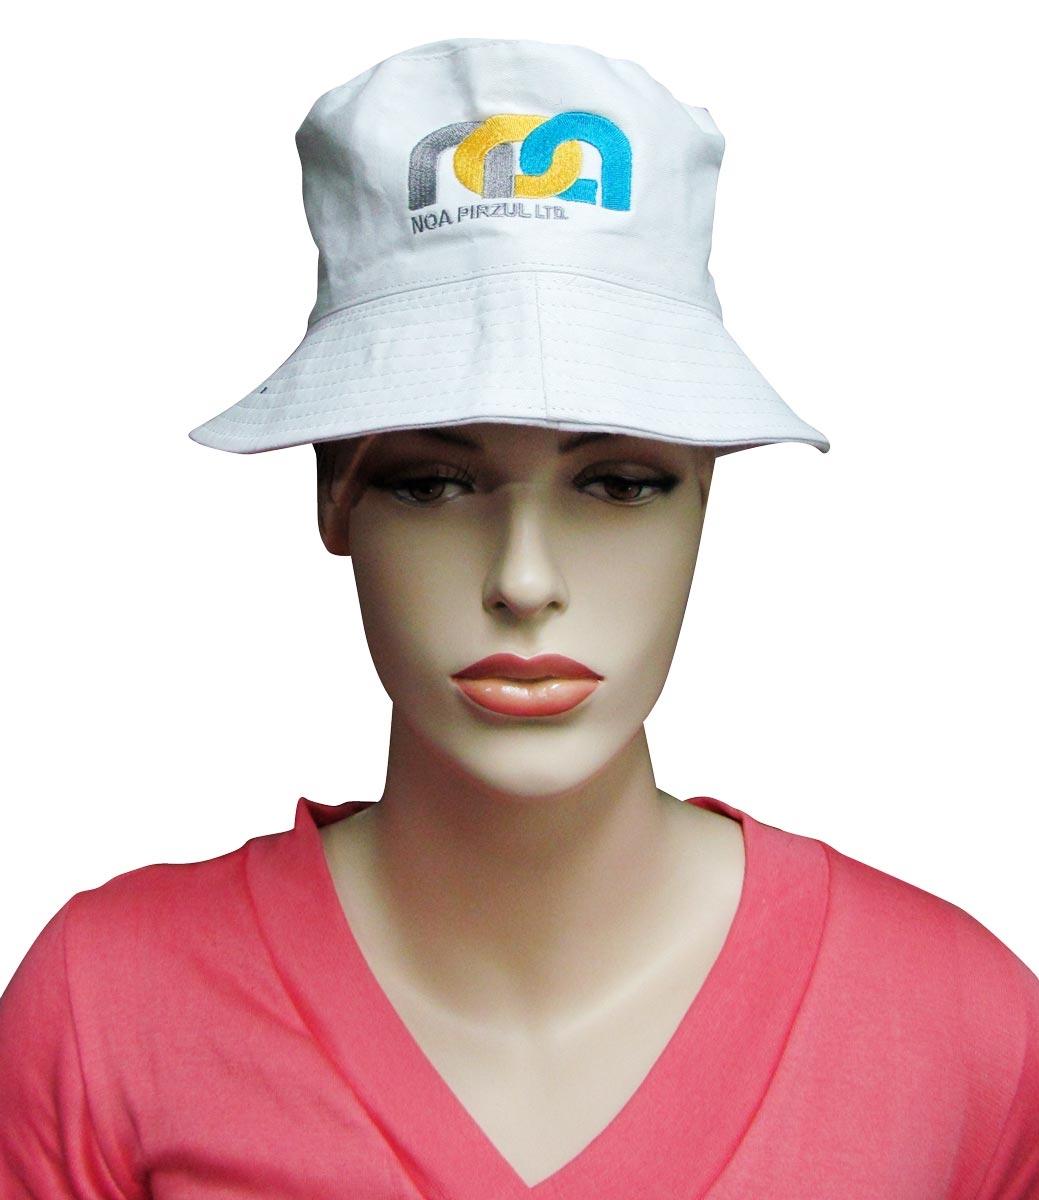 כובע רחב שוליים לגברים